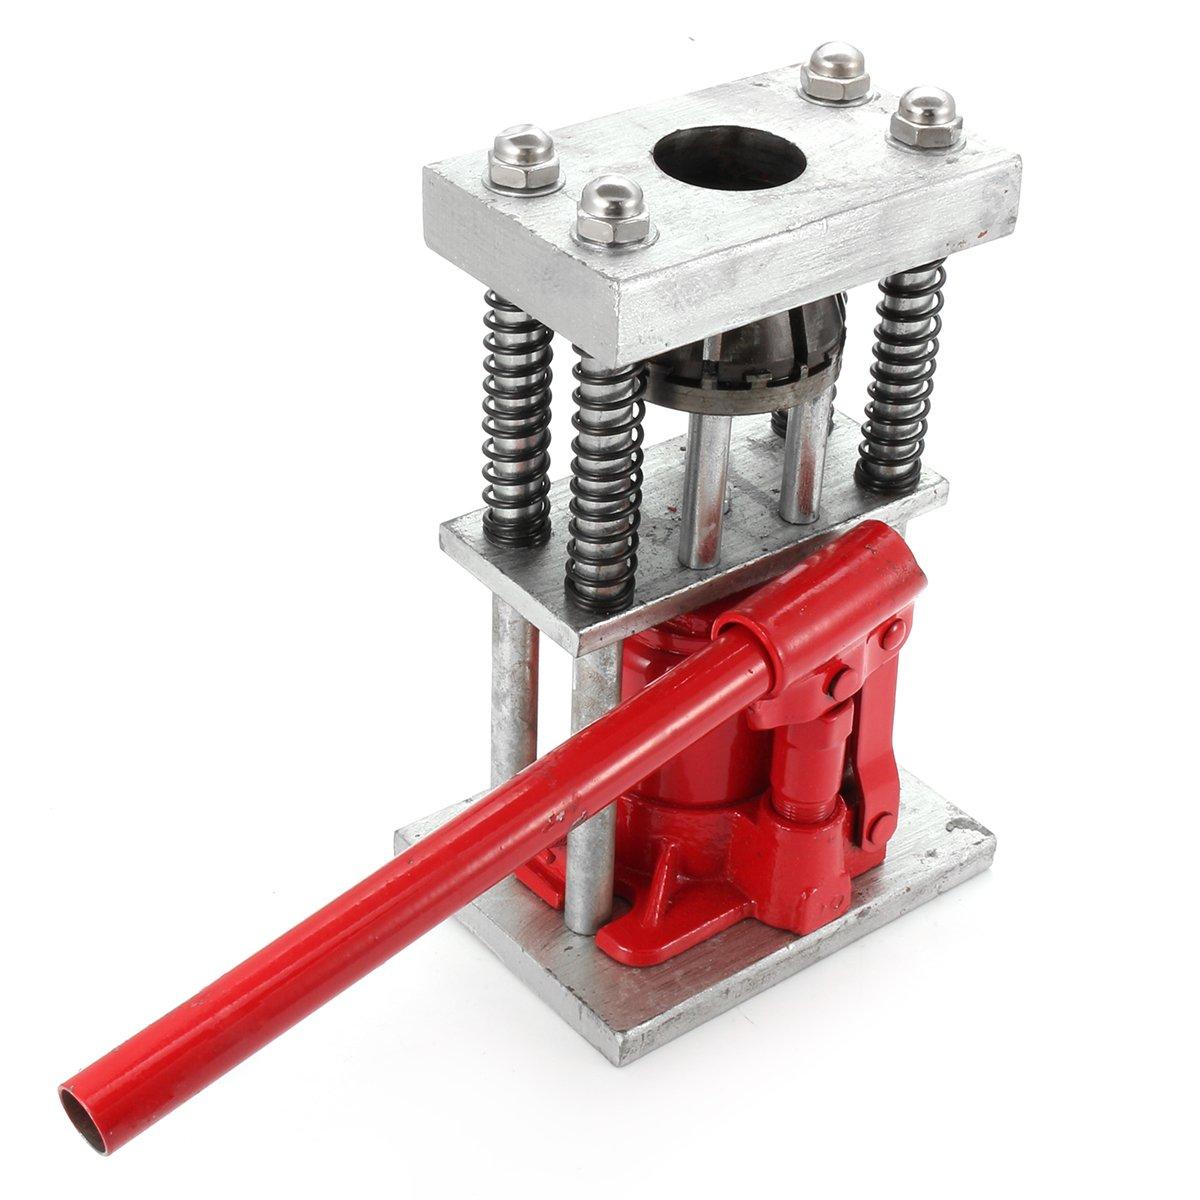 Manual Benchtop Hydraulic Bottle Jack Hose Crimper Hydraulic Hose Crimper 2t Bottle Jacks Crimper Hydraulic